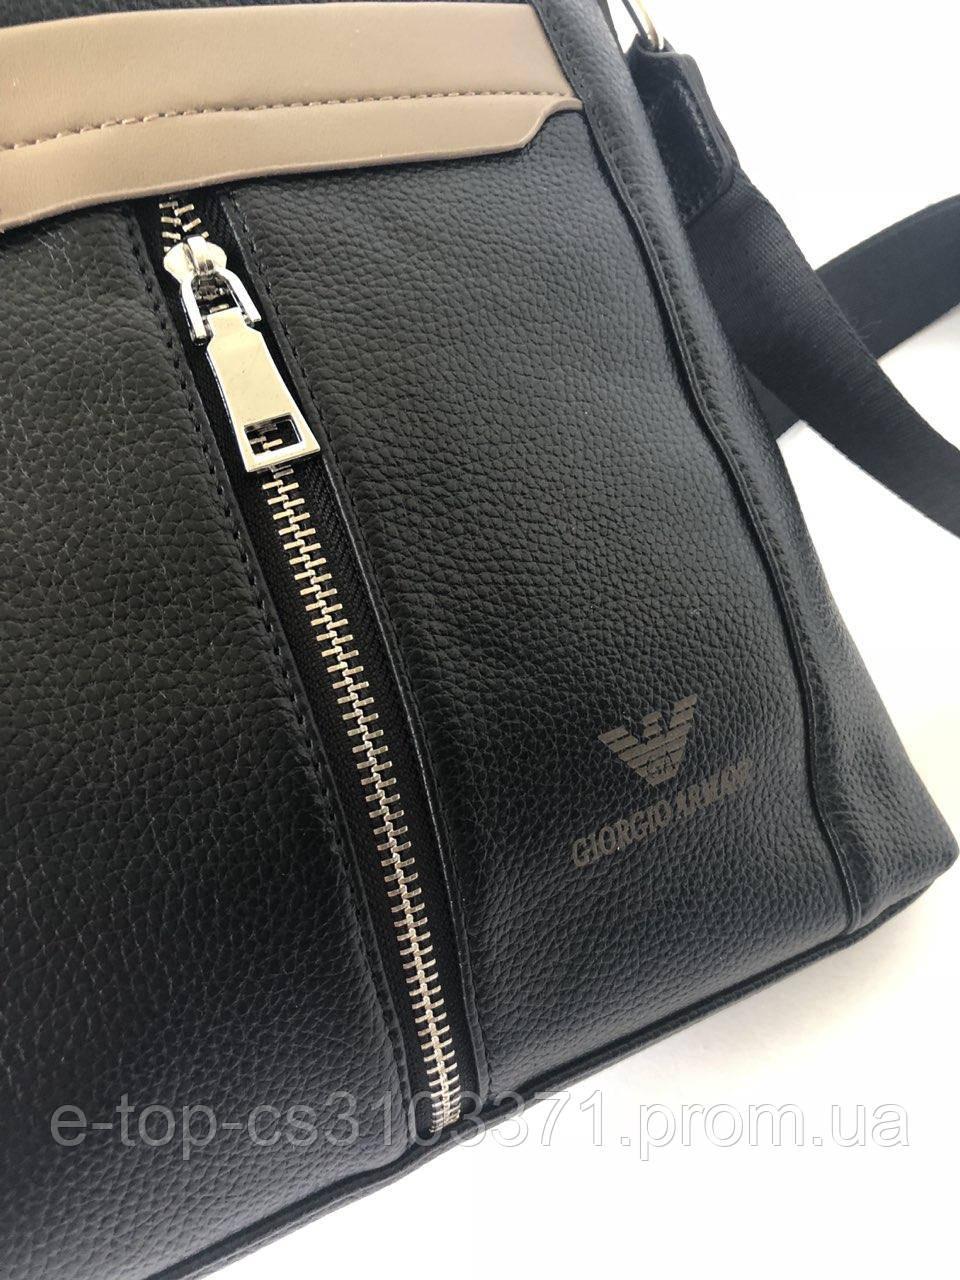 503f595e4e04 Молодежная сумка Armani (819), цена 1 540 грн., купить в Одессе — Prom.ua  (ID#931618199)